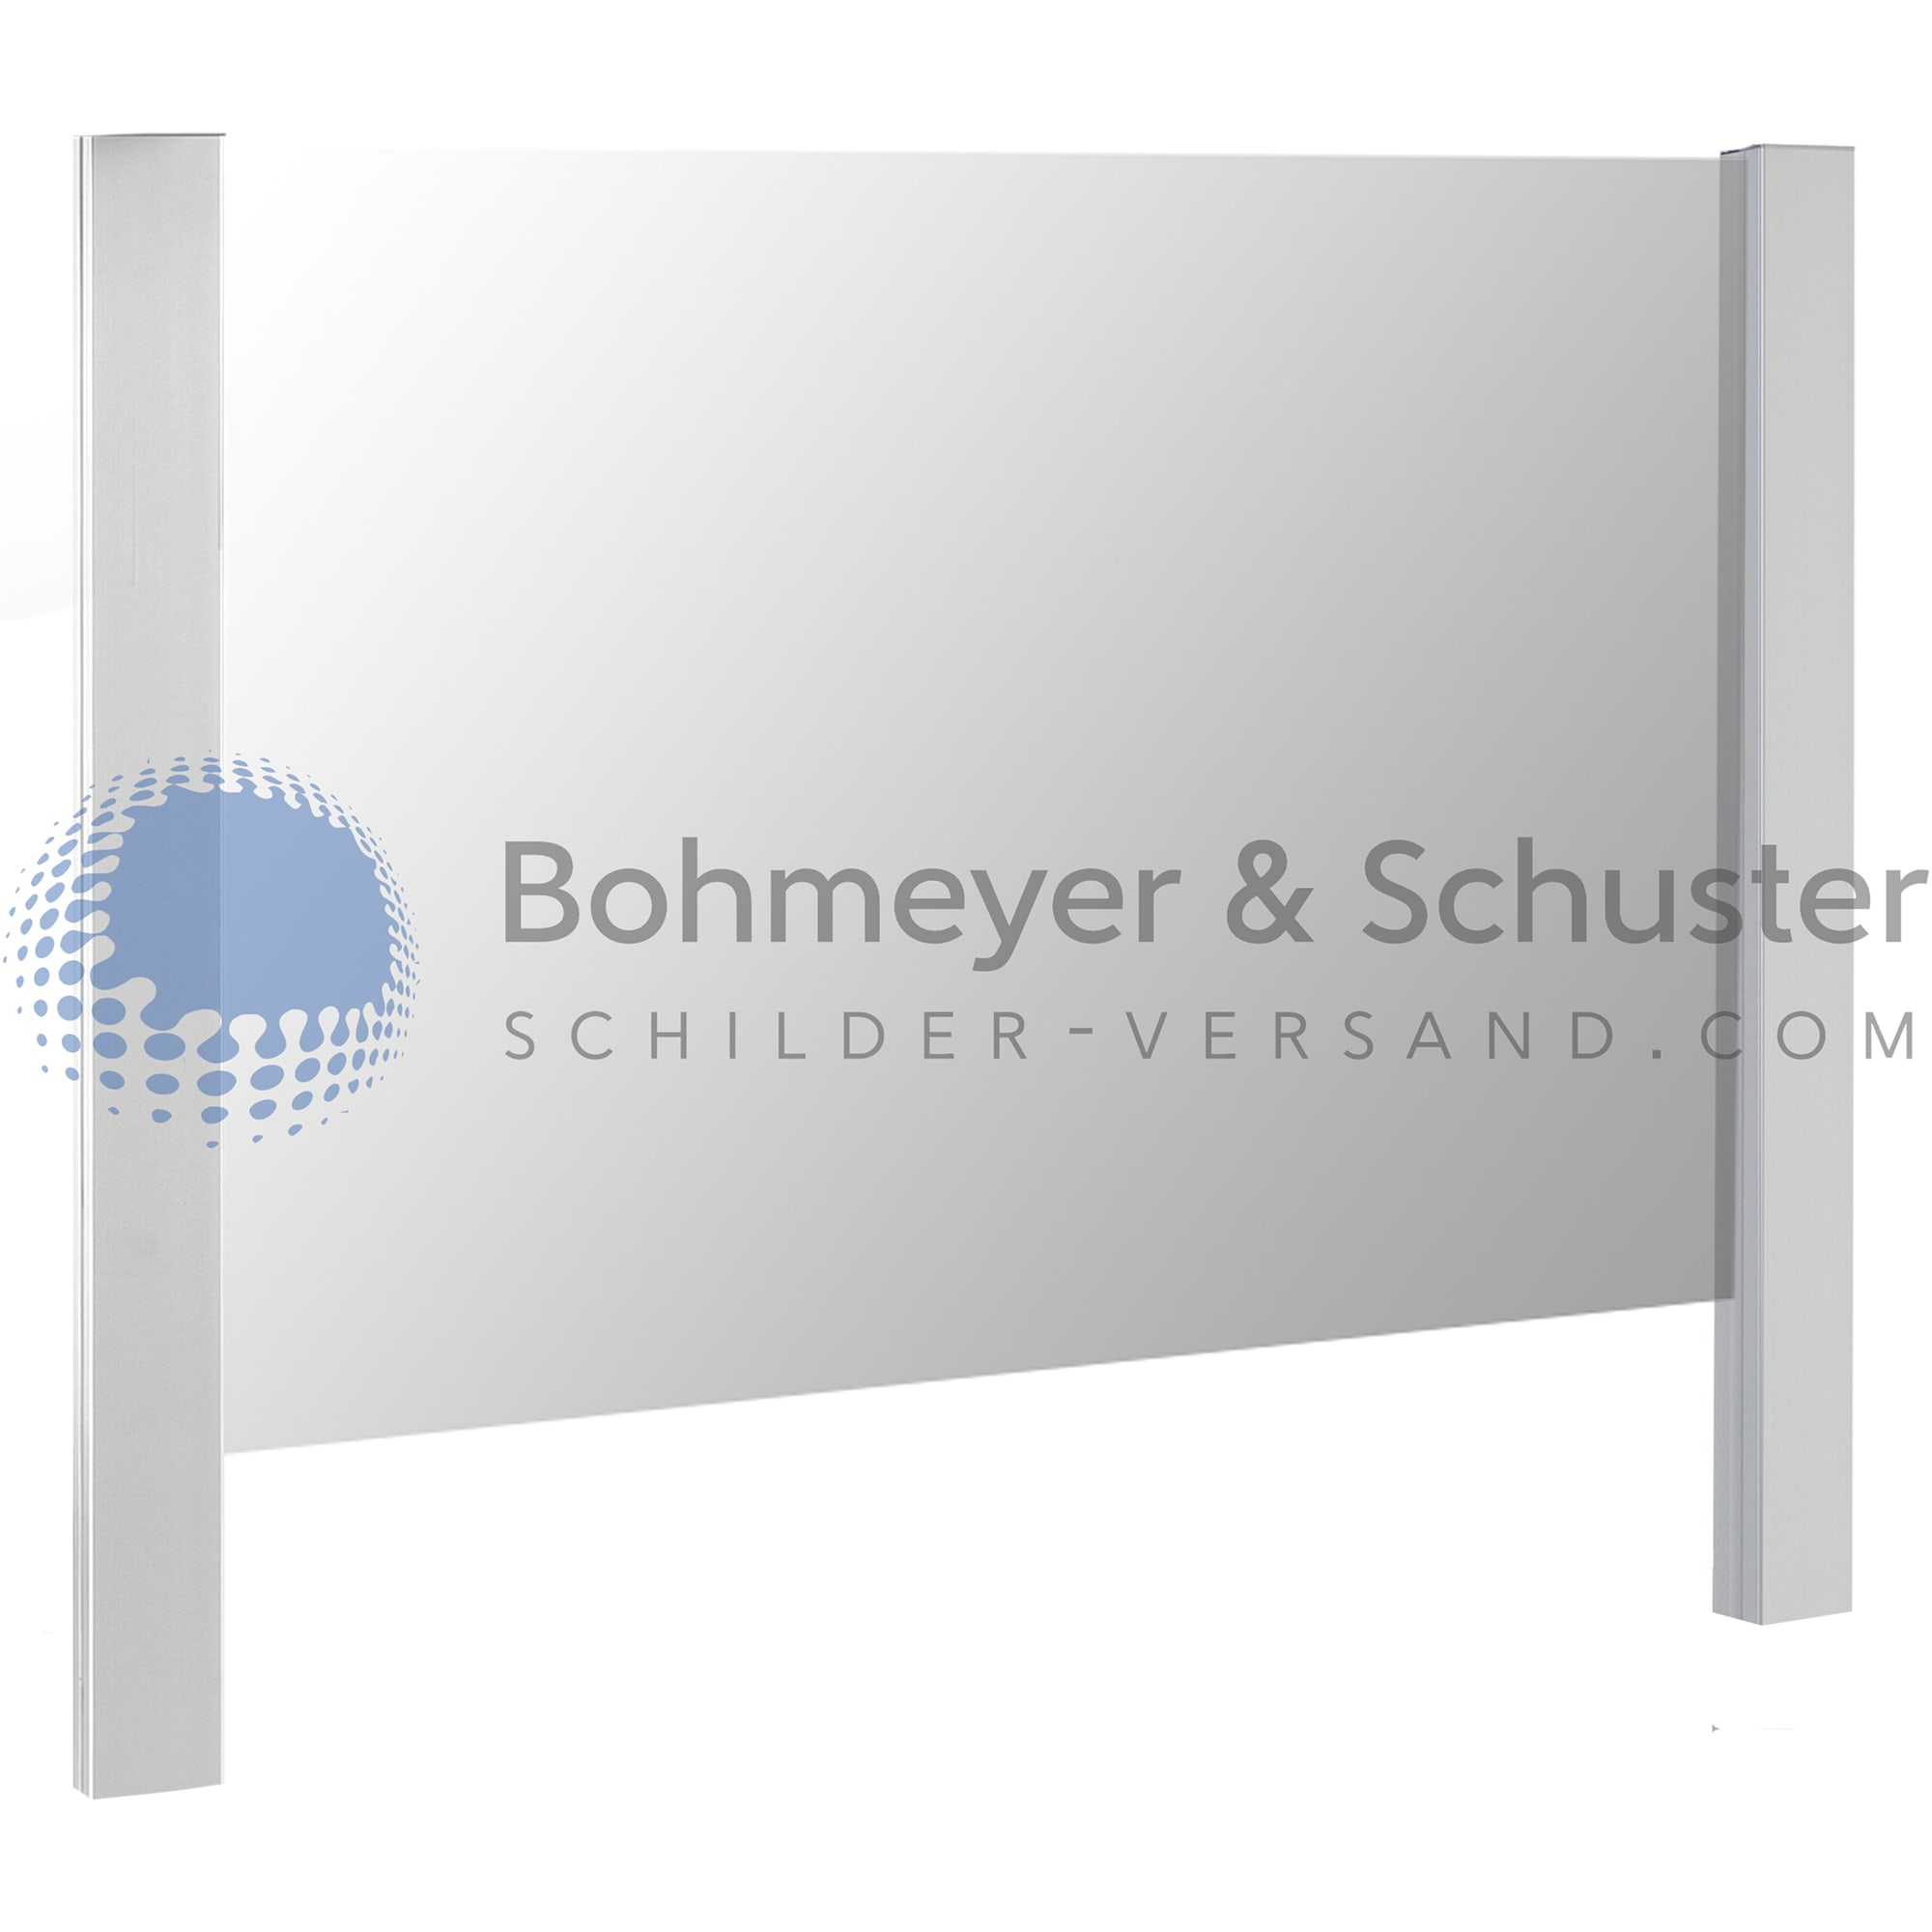 BERLIN BASIC Tresenschutz 66